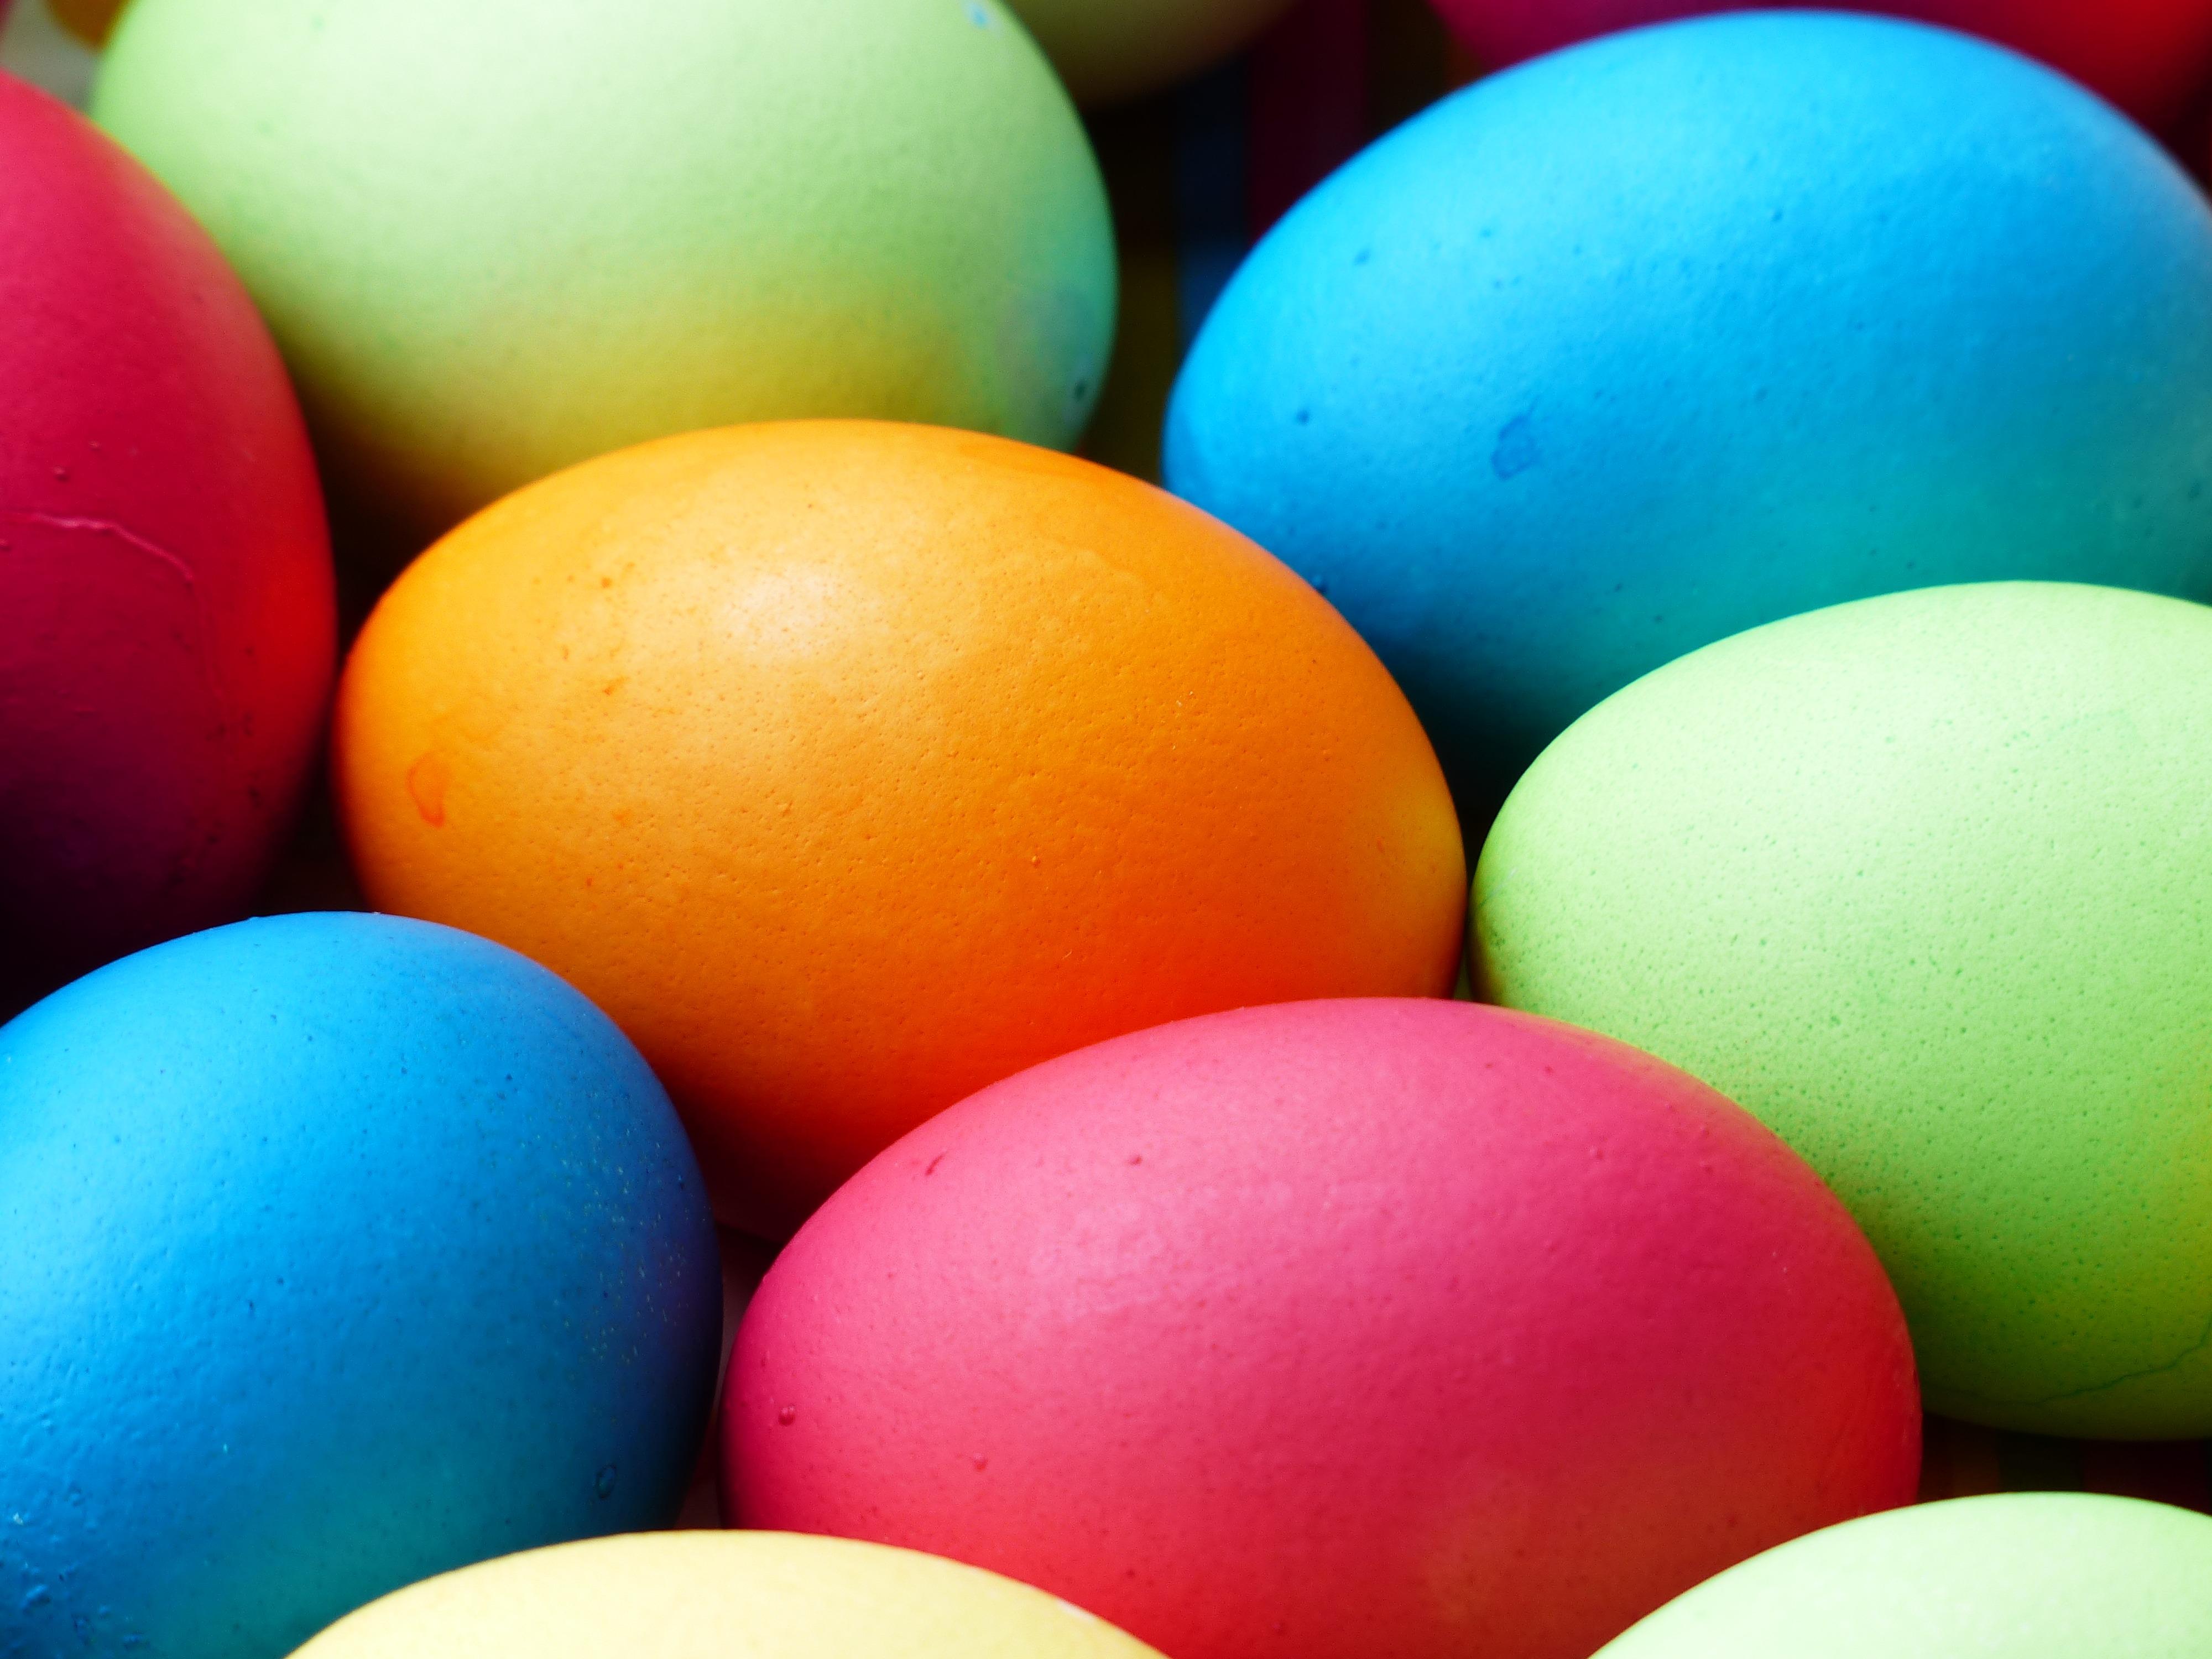 Easter Egg Hunt on April 15